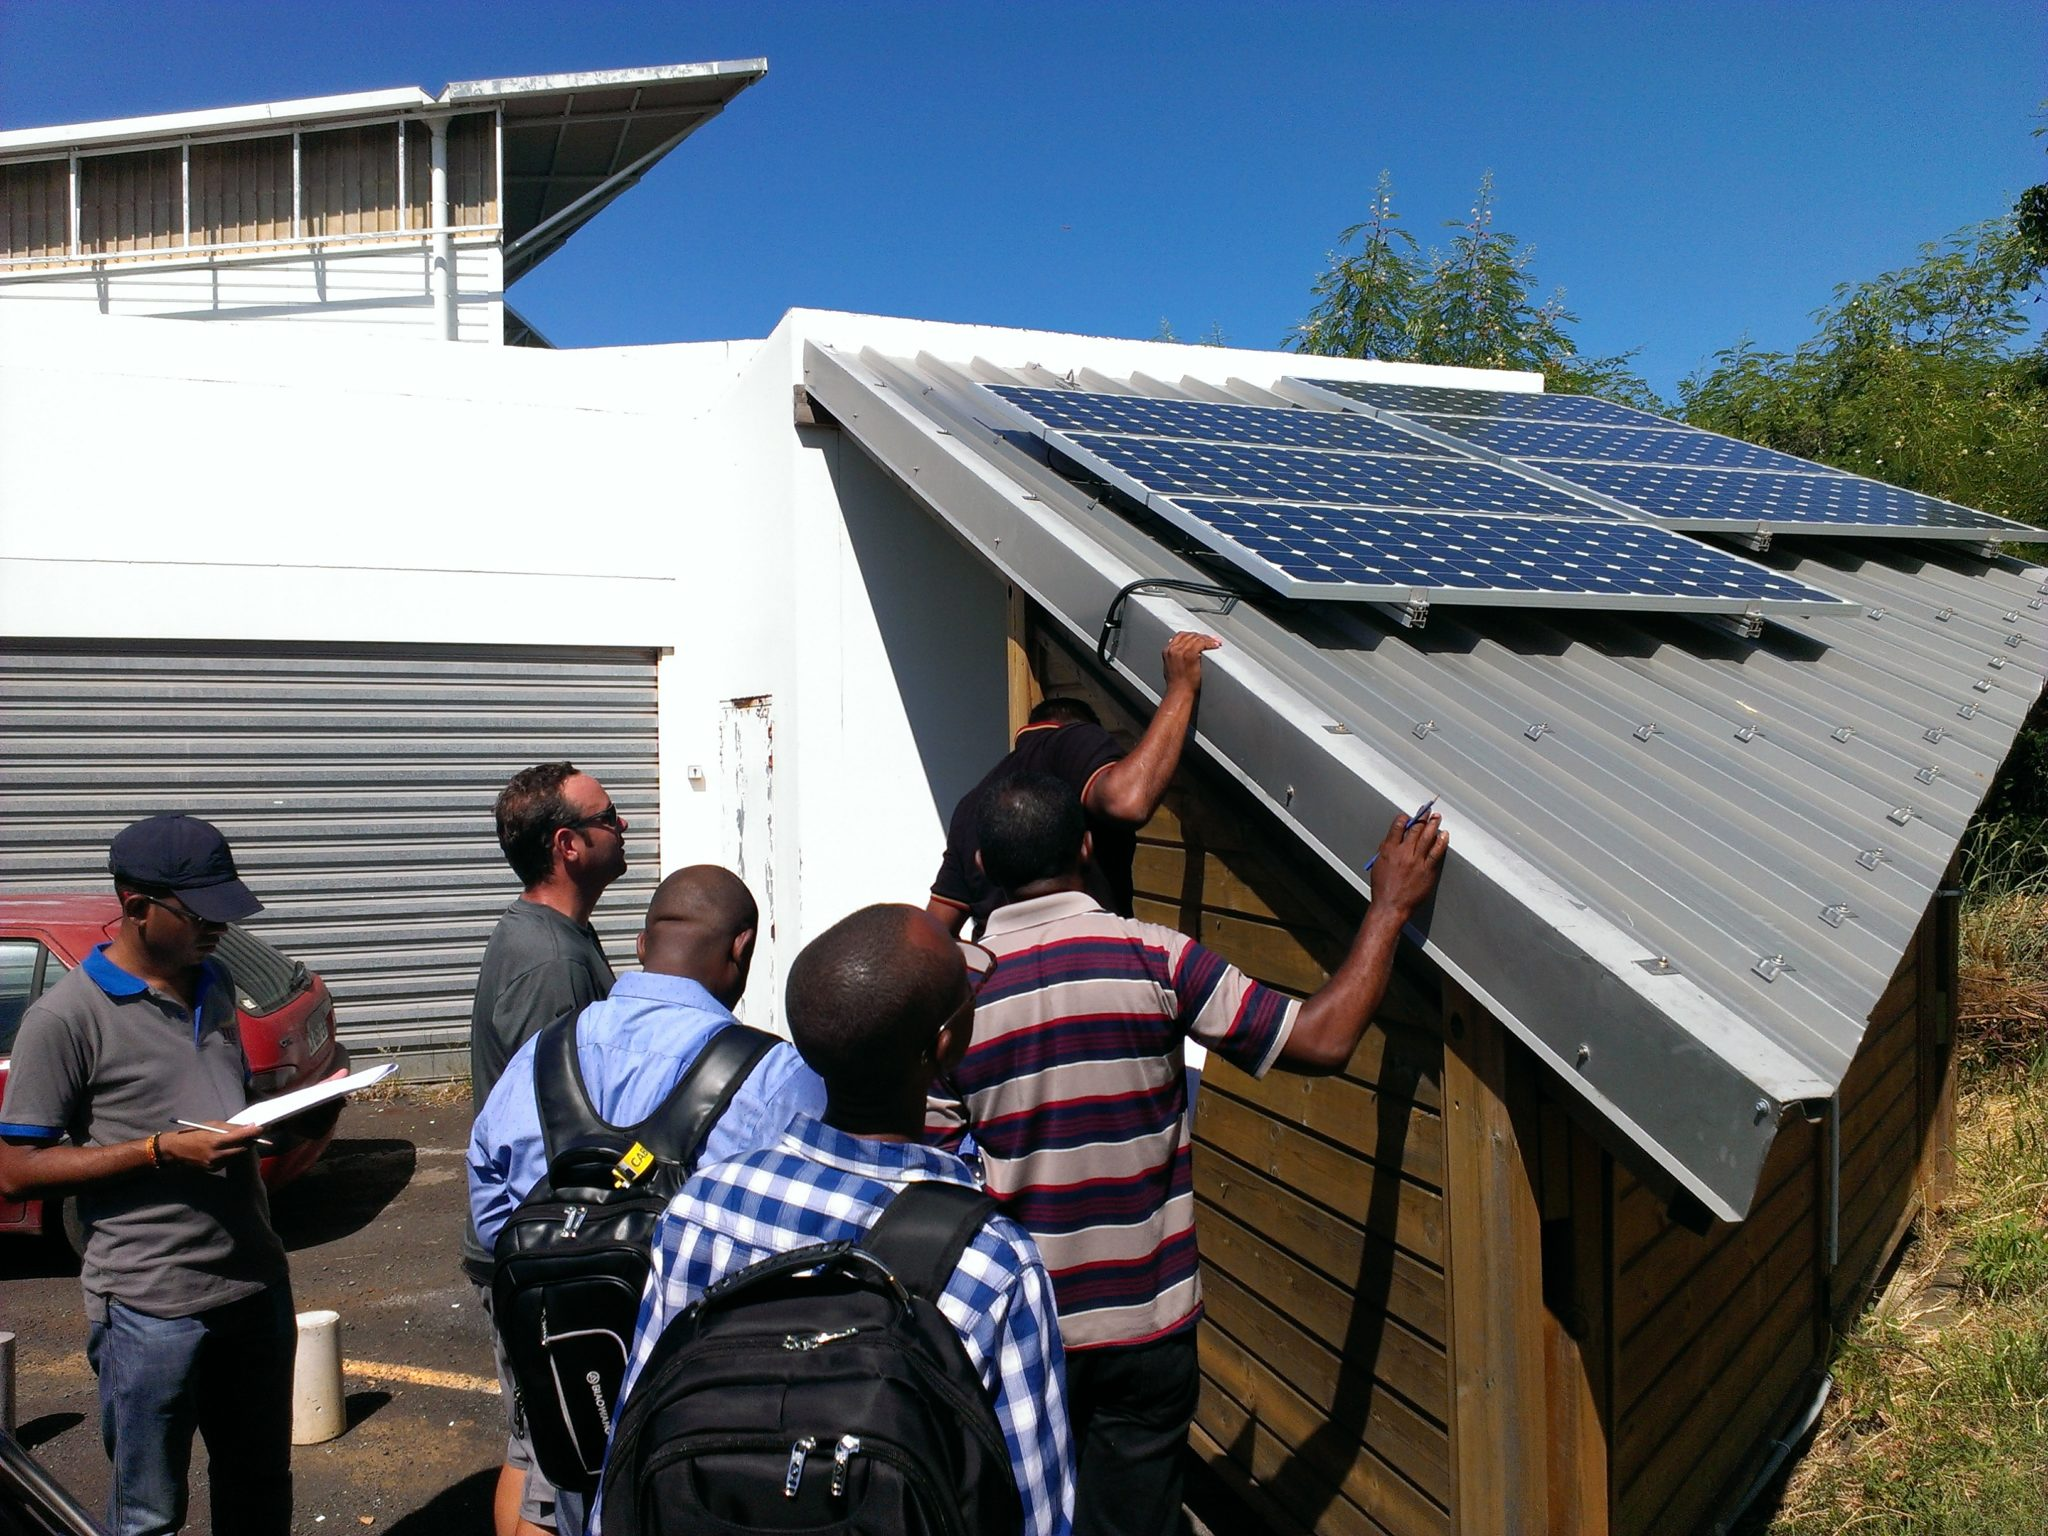 Les formateurs d'installateurs d'équipements solaires thermiques individuels et photovoltaïques lors de la formation.